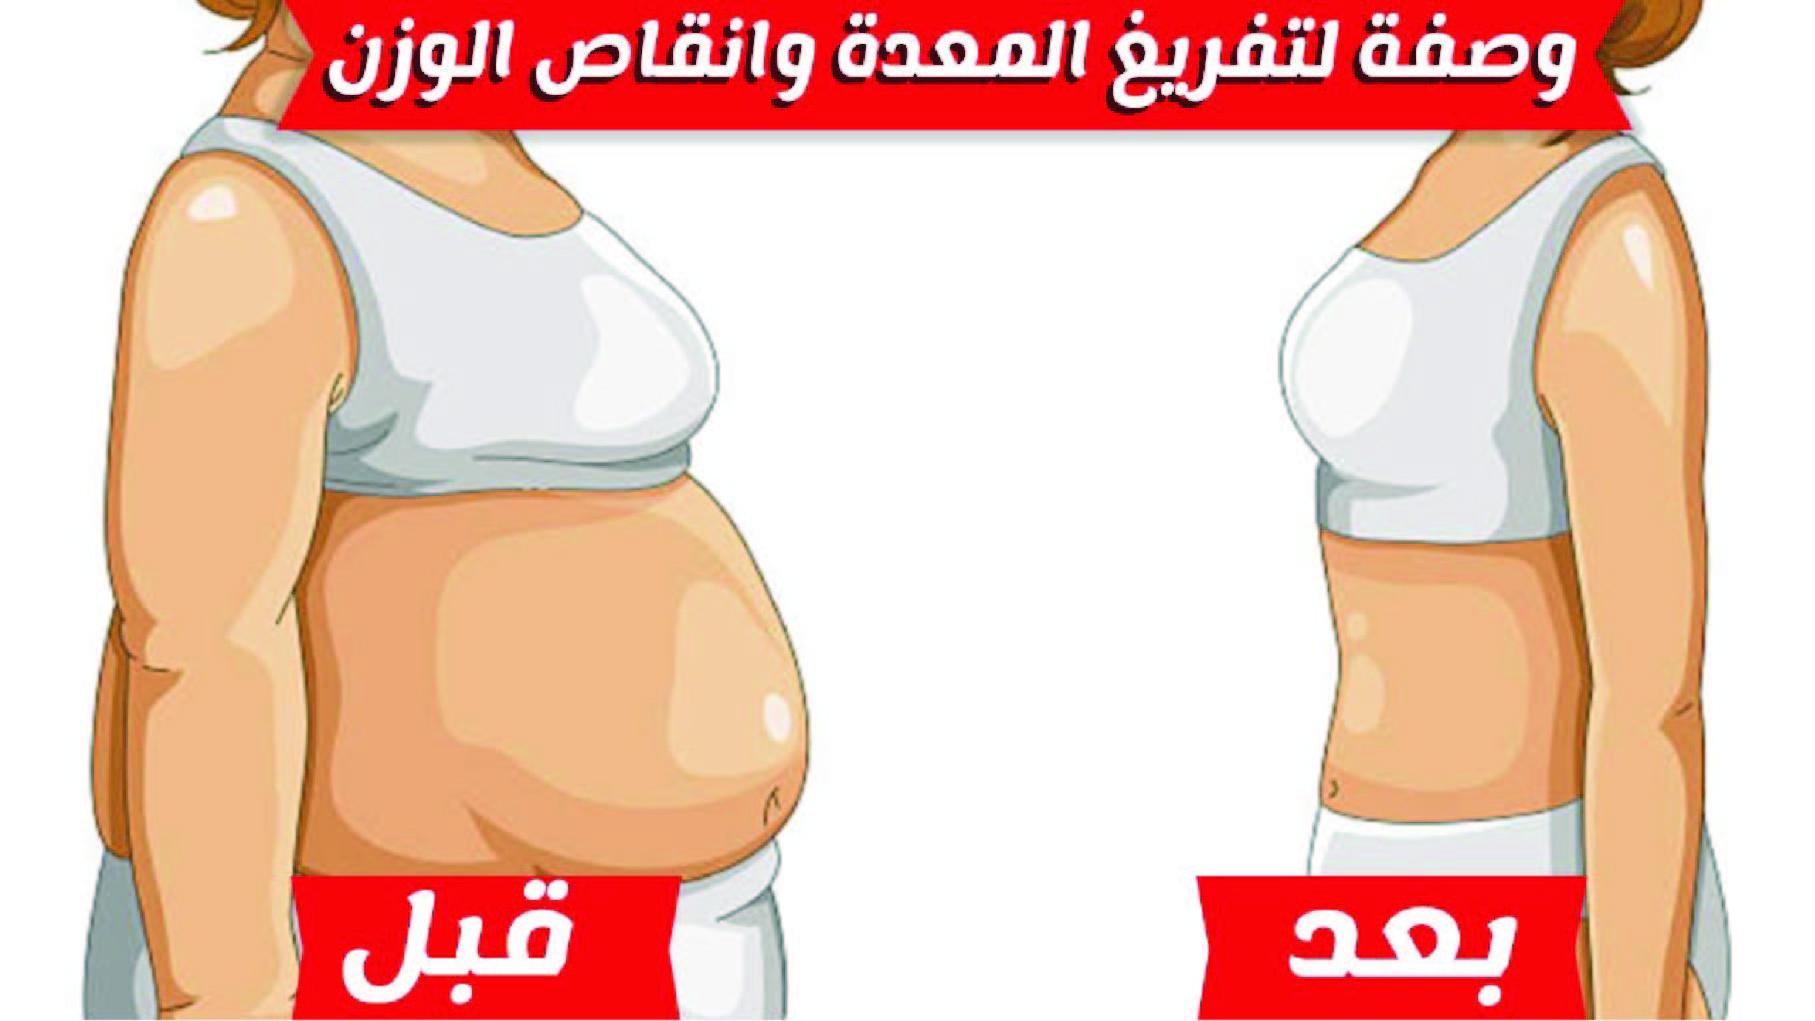 لو وزنك زياده بنقدملك بديل تكميم المعده فروسكلين للتخلص من الكرش